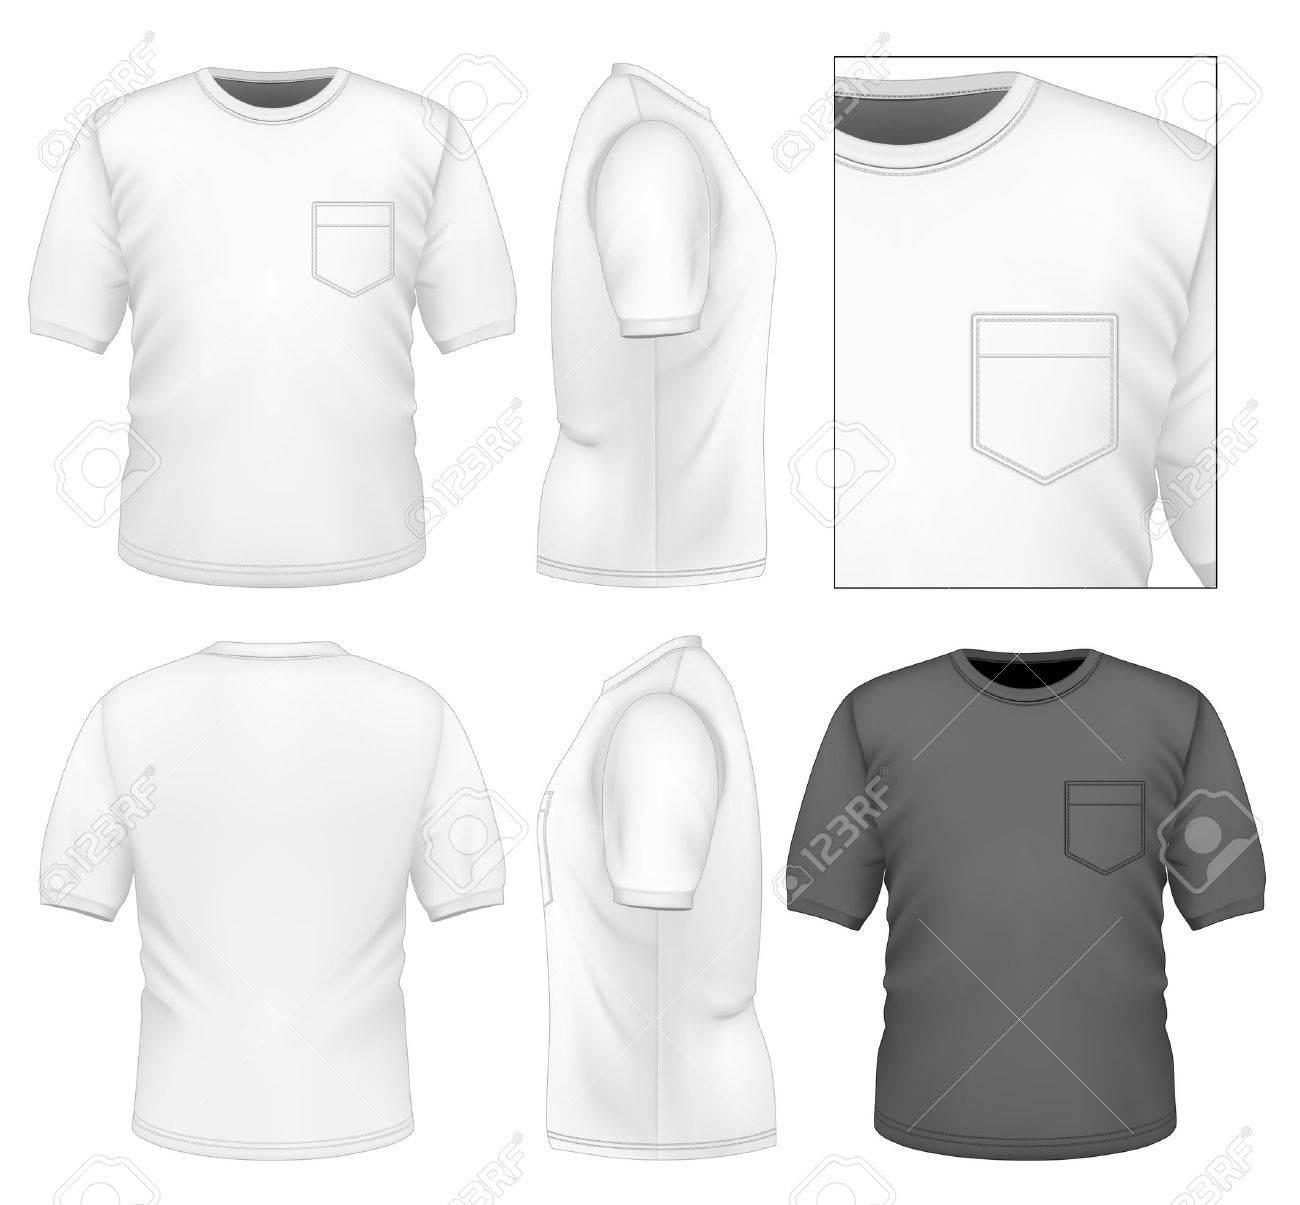 Wunderbar Shirt Design Vorlage Ideen - Beispiel Business Lebenslauf ...